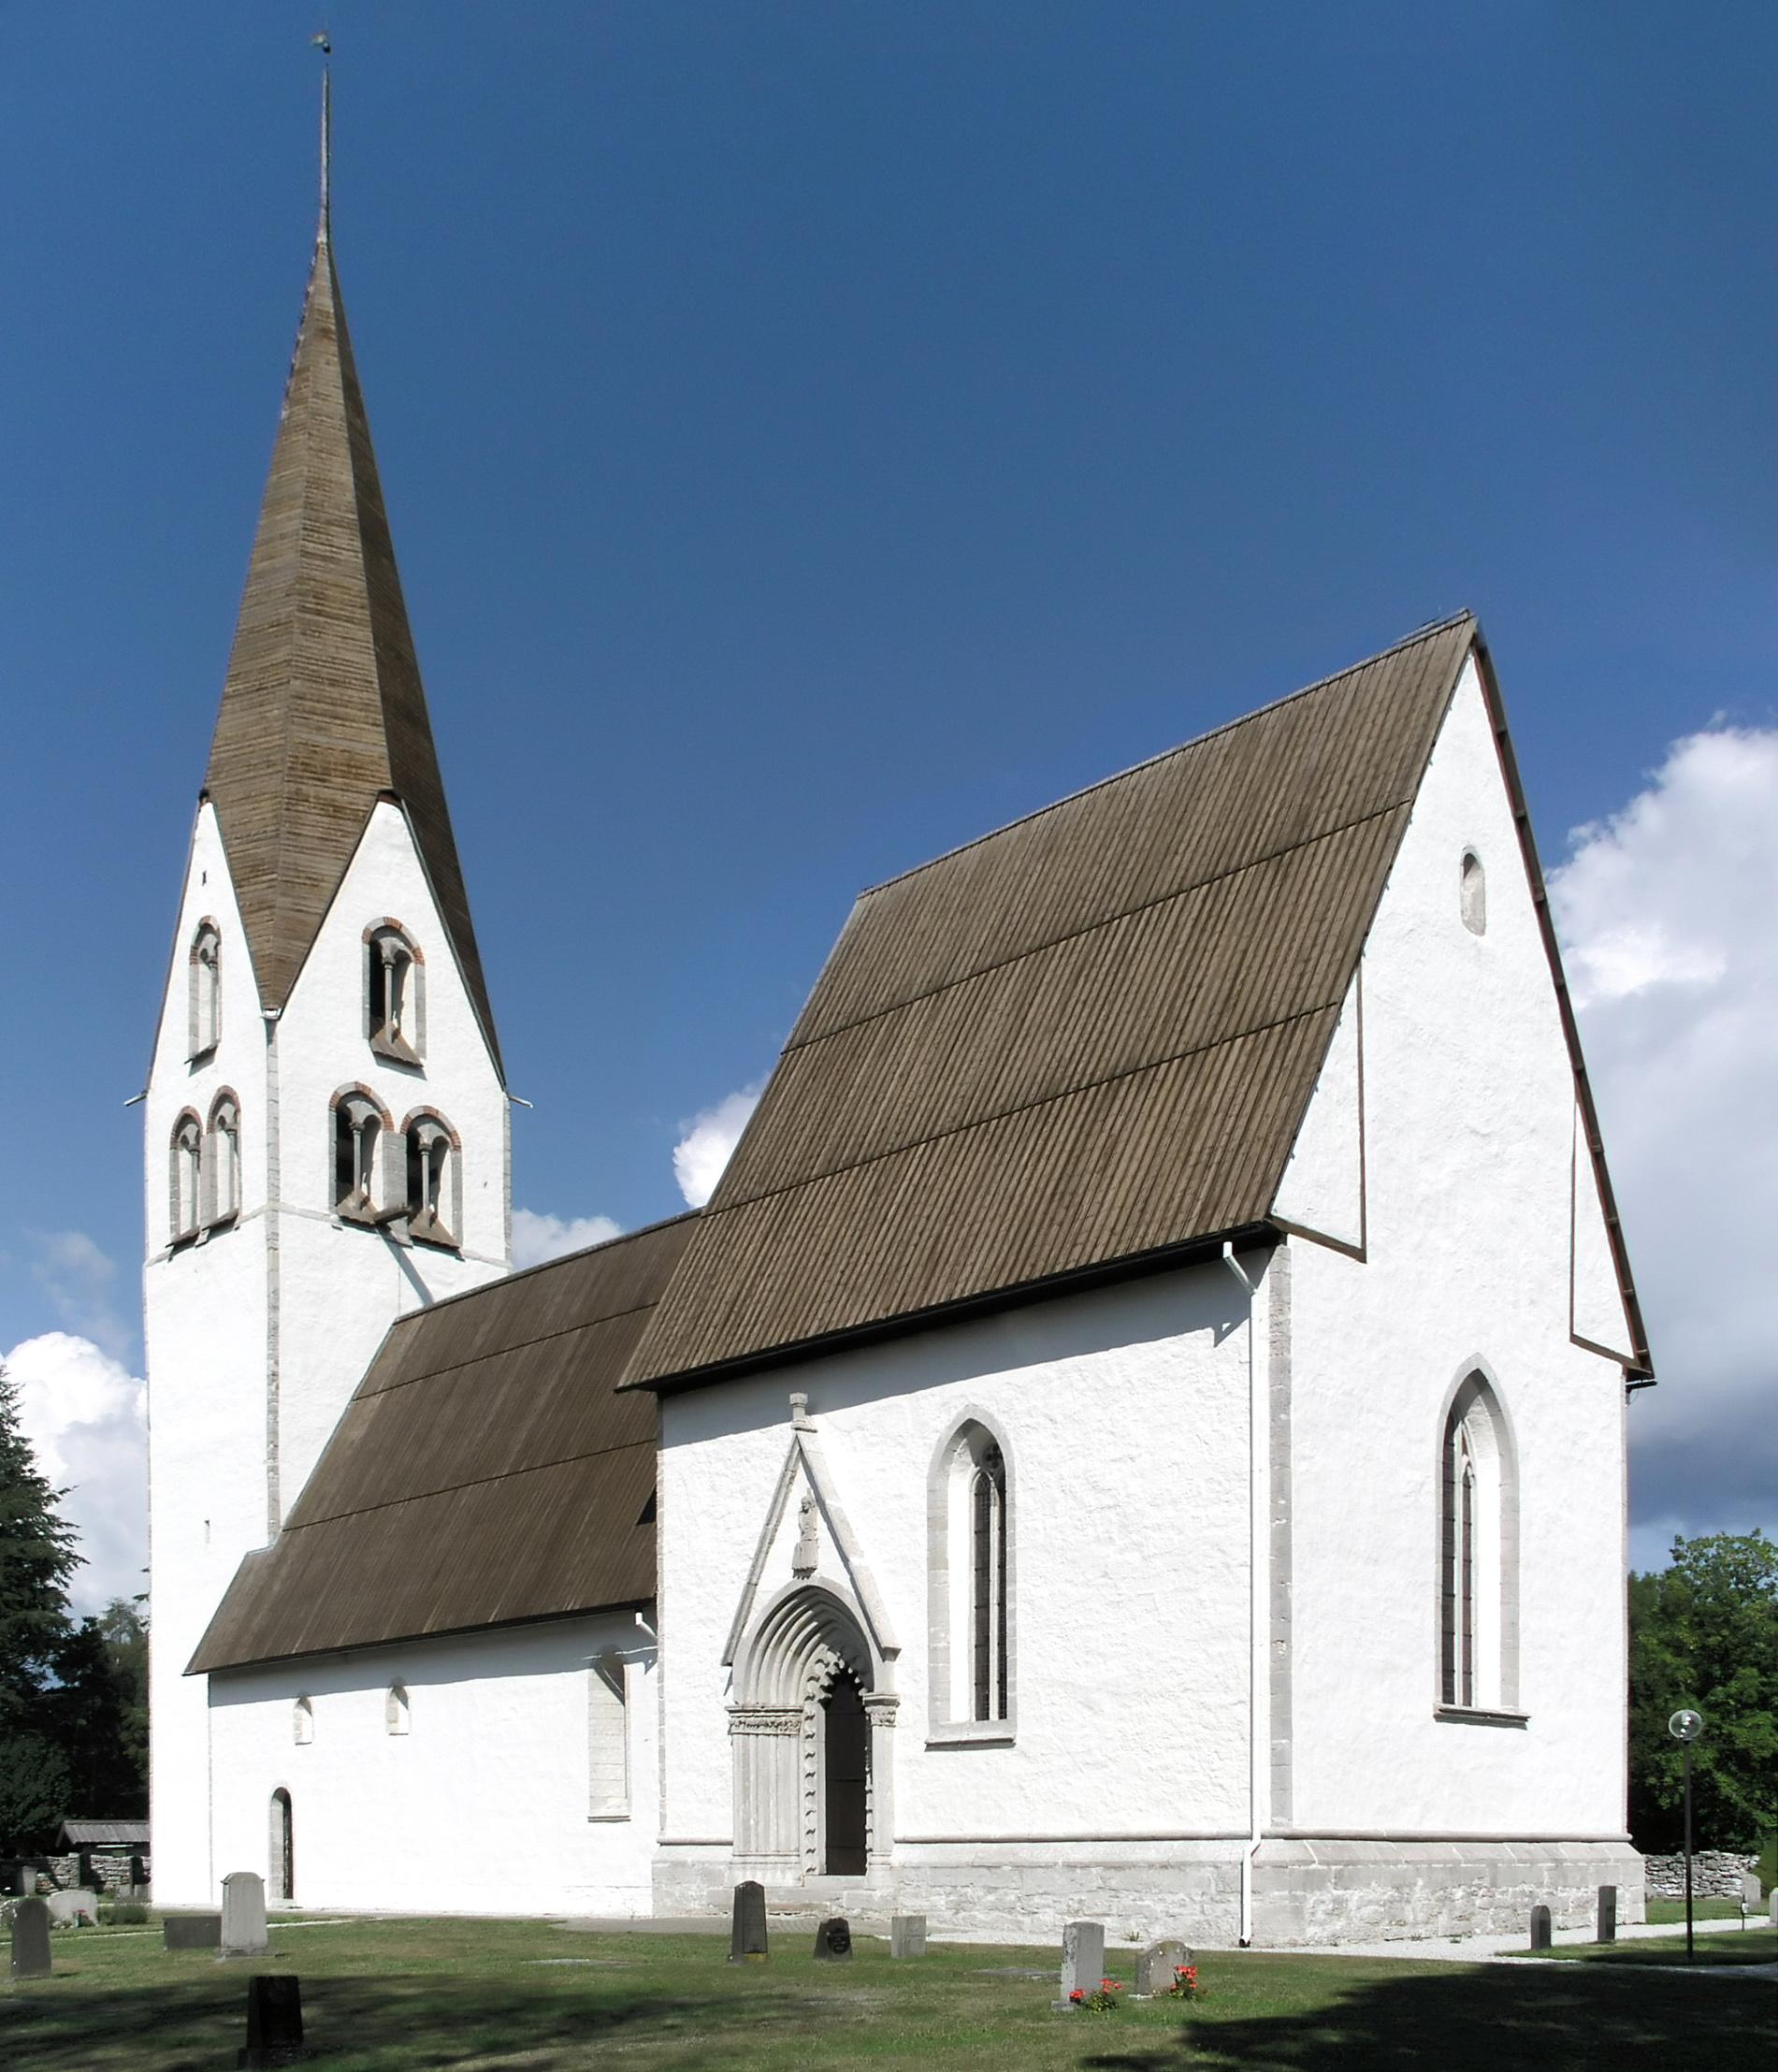 File:Garde kyrka - KMB - unam.net - Wikimedia